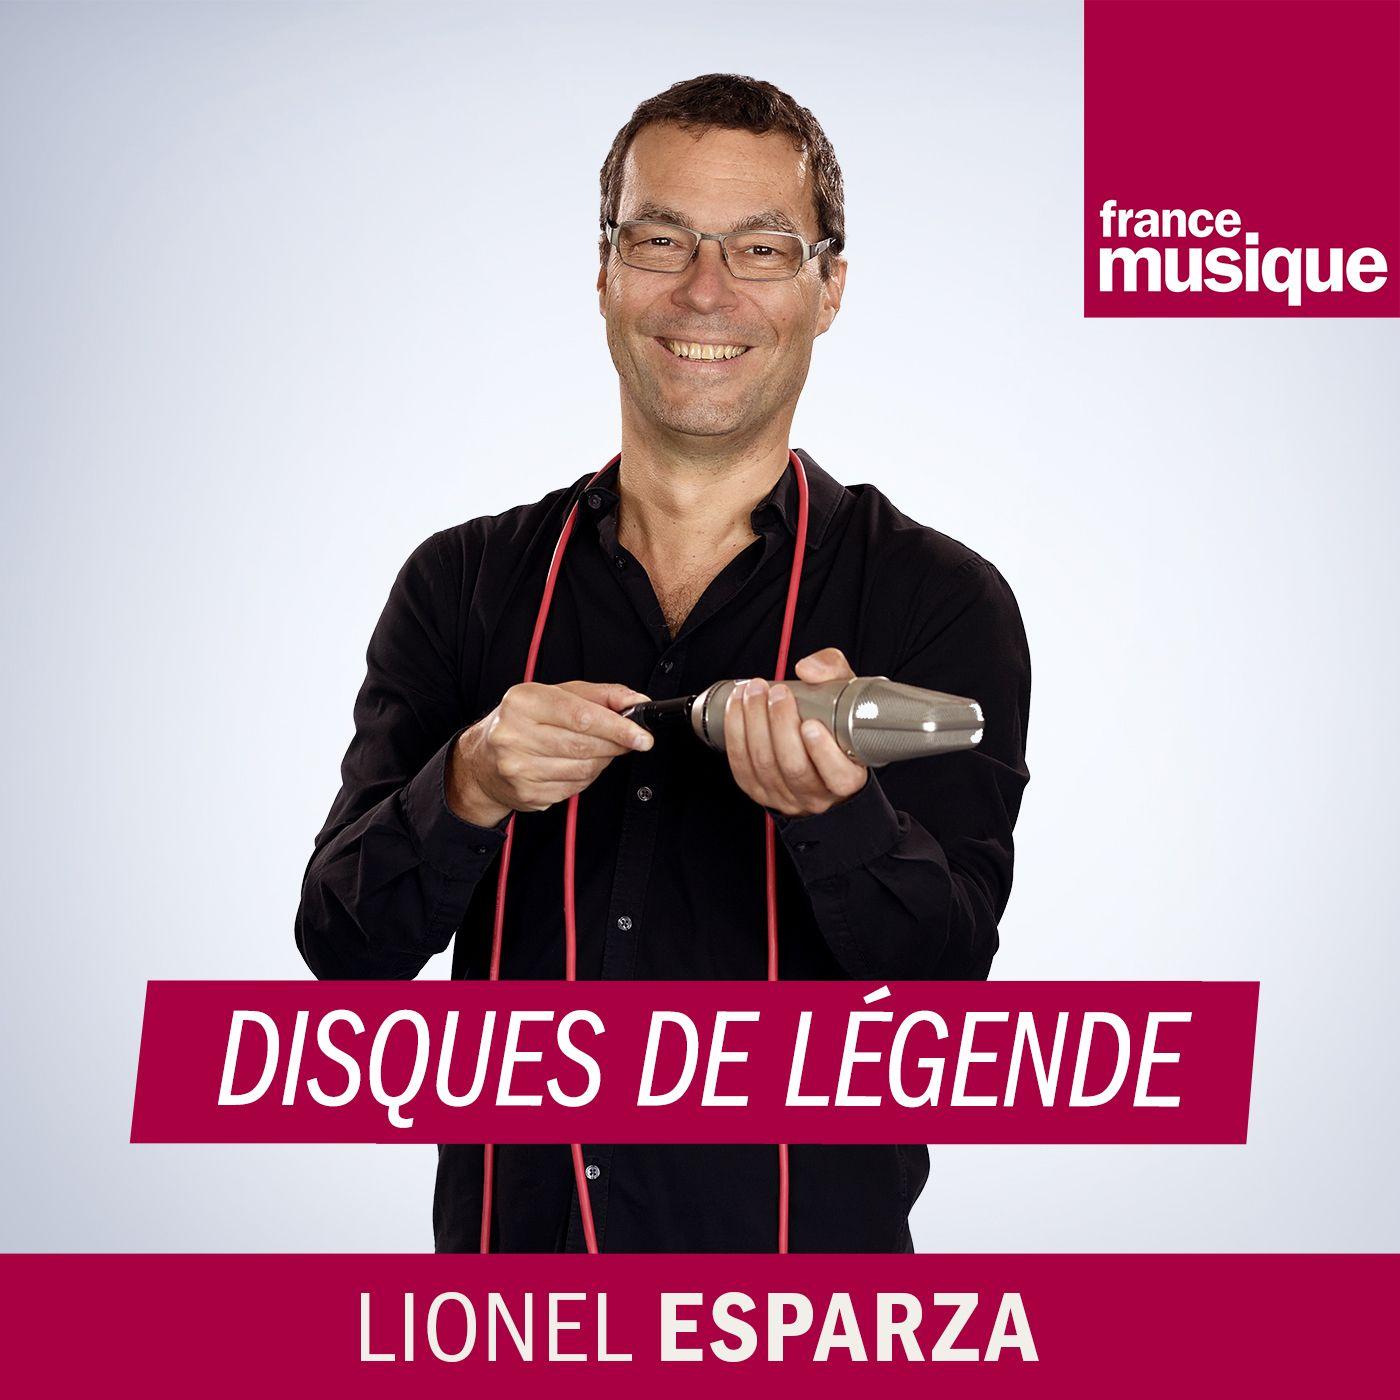 Image 1: Disques de legende